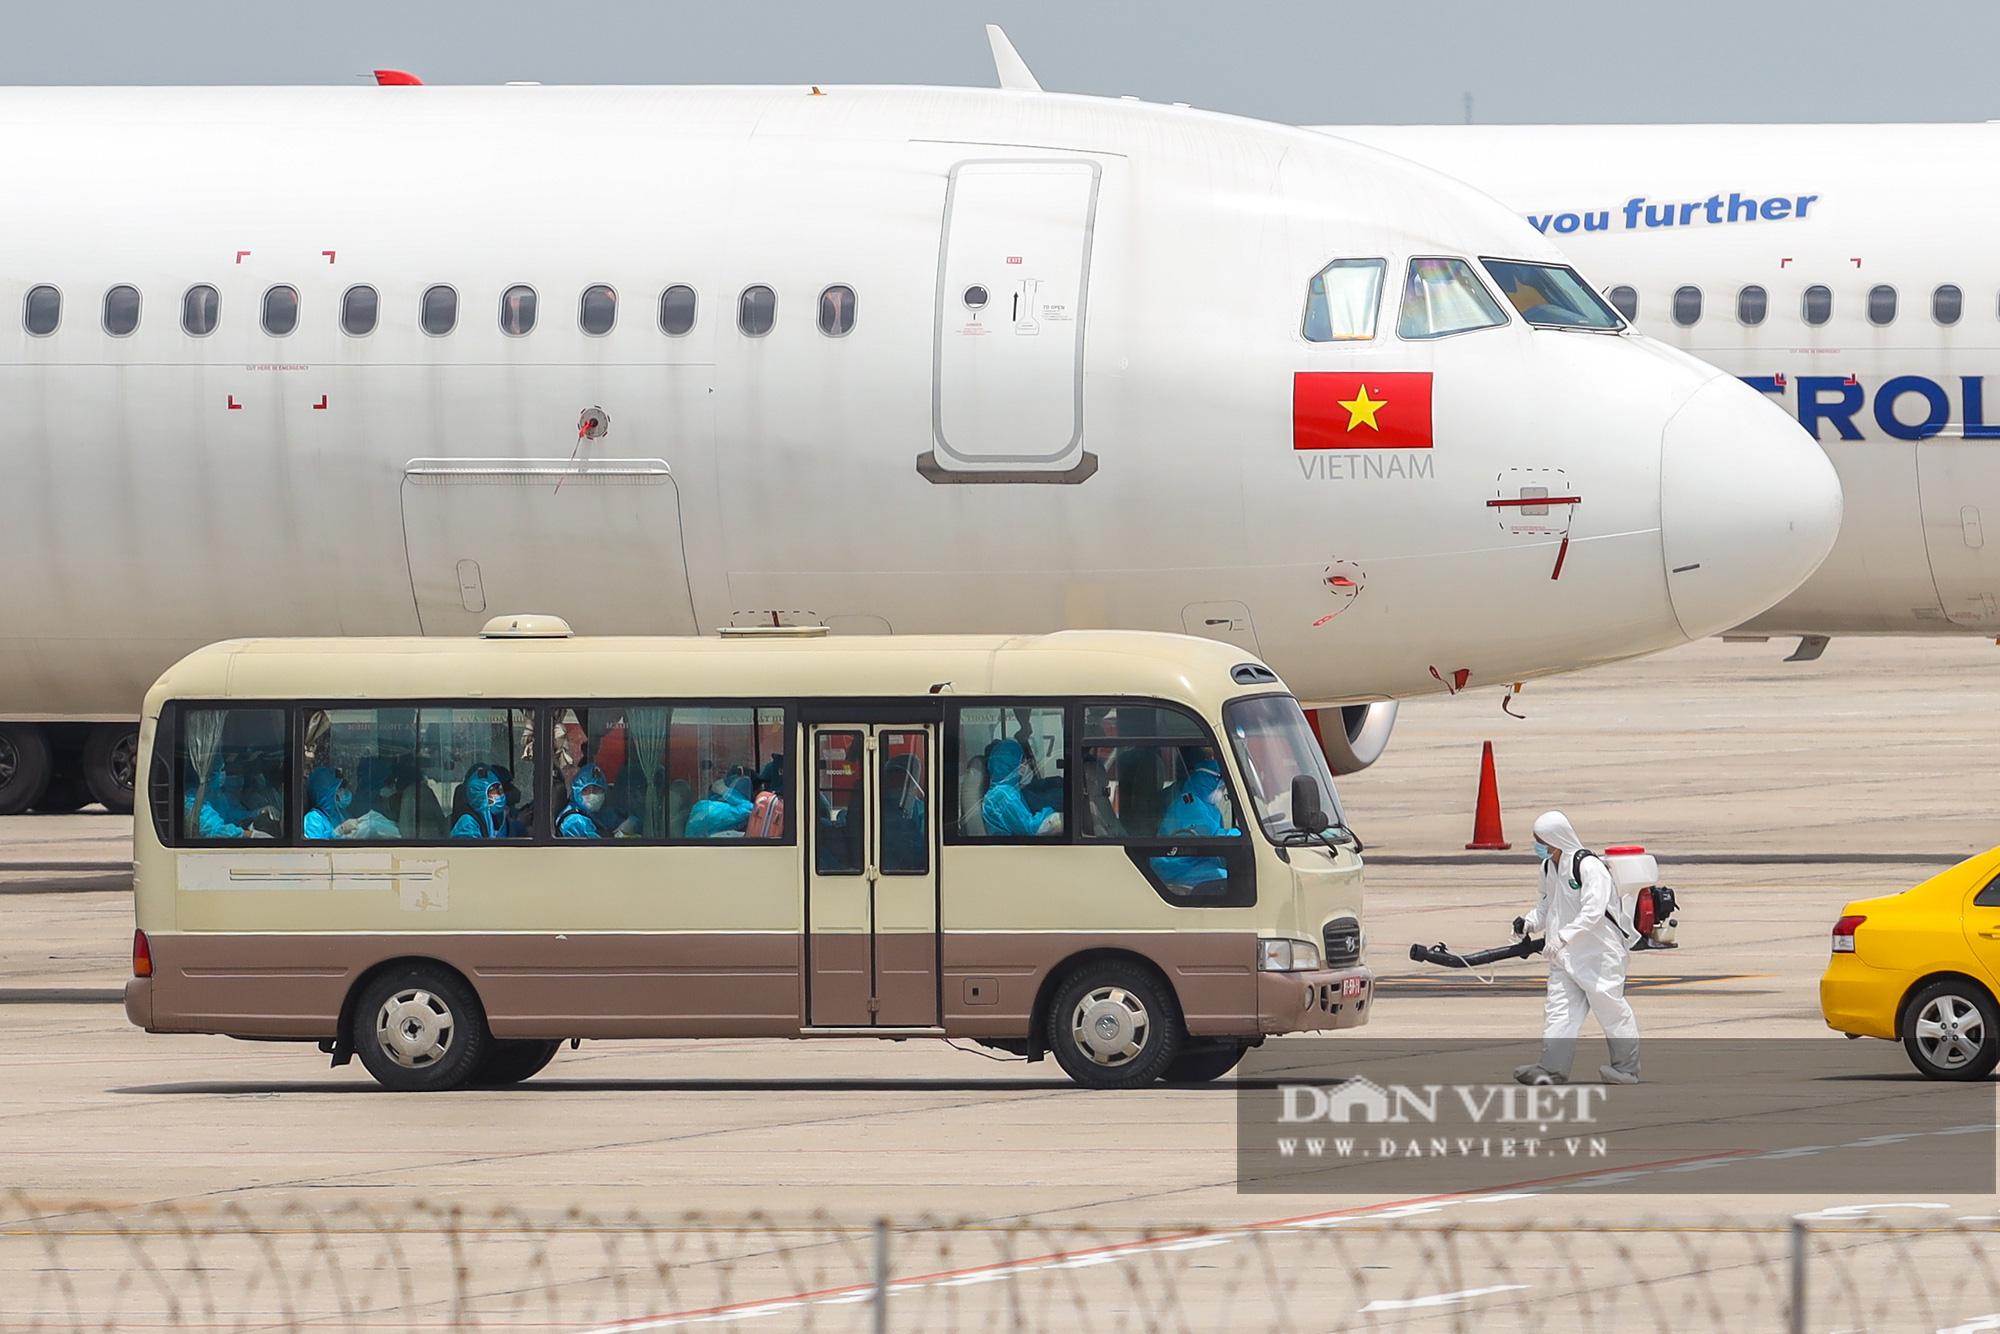 Chuyến bay đặc biệt đưa 207 người mắc kẹt ở Đà Nẵng về Hà Nội - Ảnh 8.